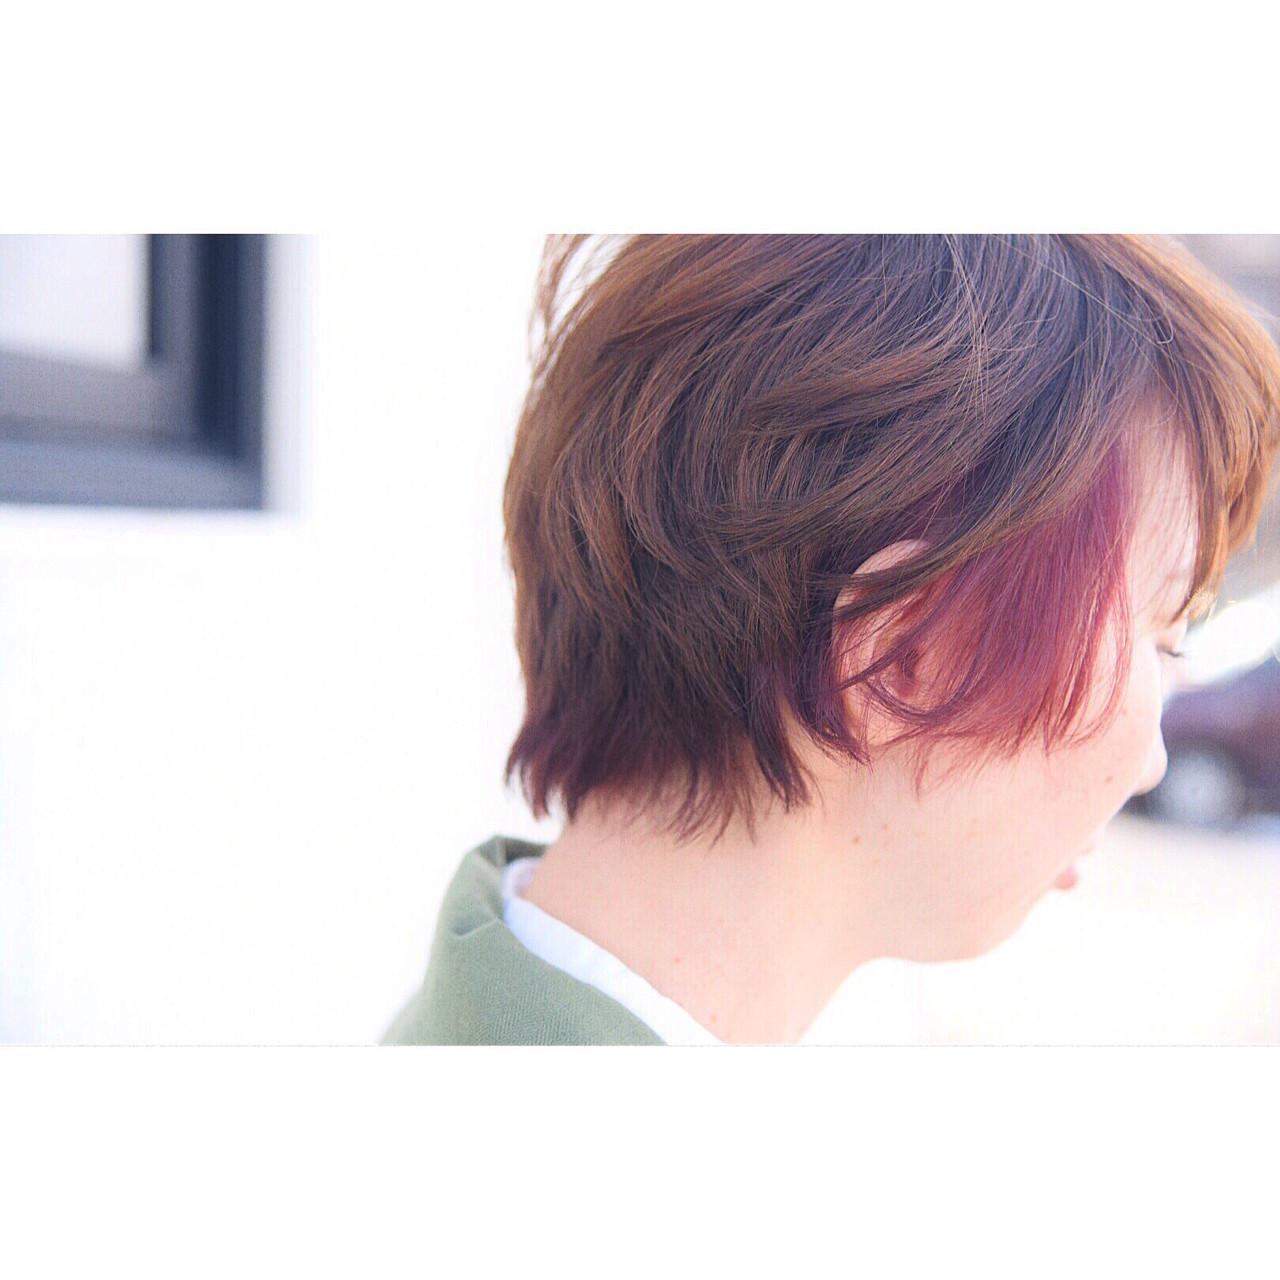 ピンク ショート アンニュイ ゆるふわ ヘアスタイルや髪型の写真・画像